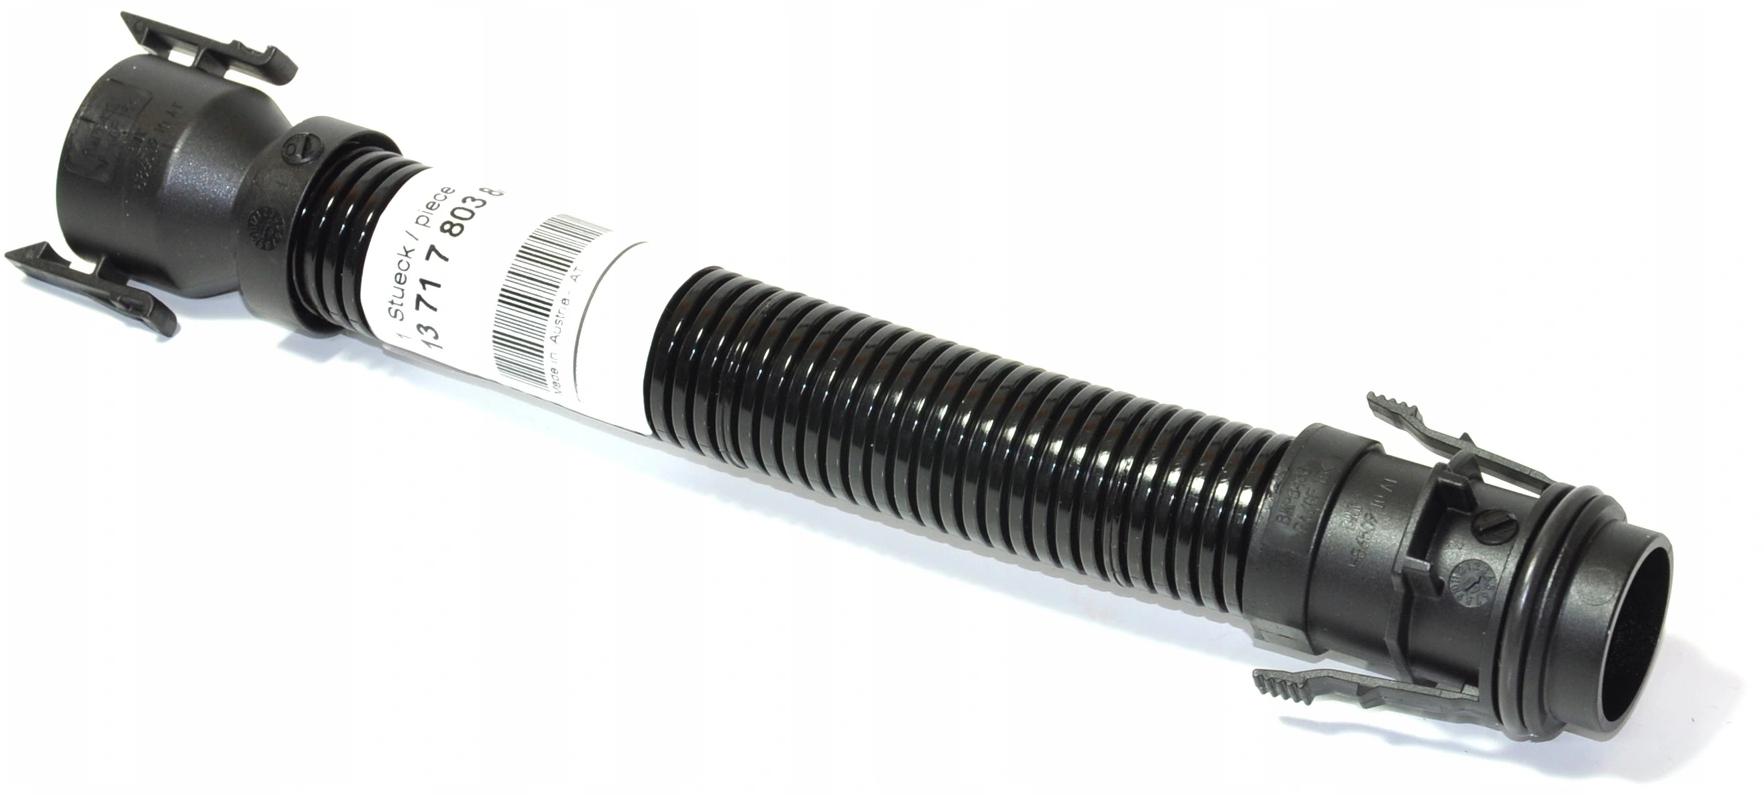 bmw оригинальный кабель трубка odmy e60 e90 n47 n57